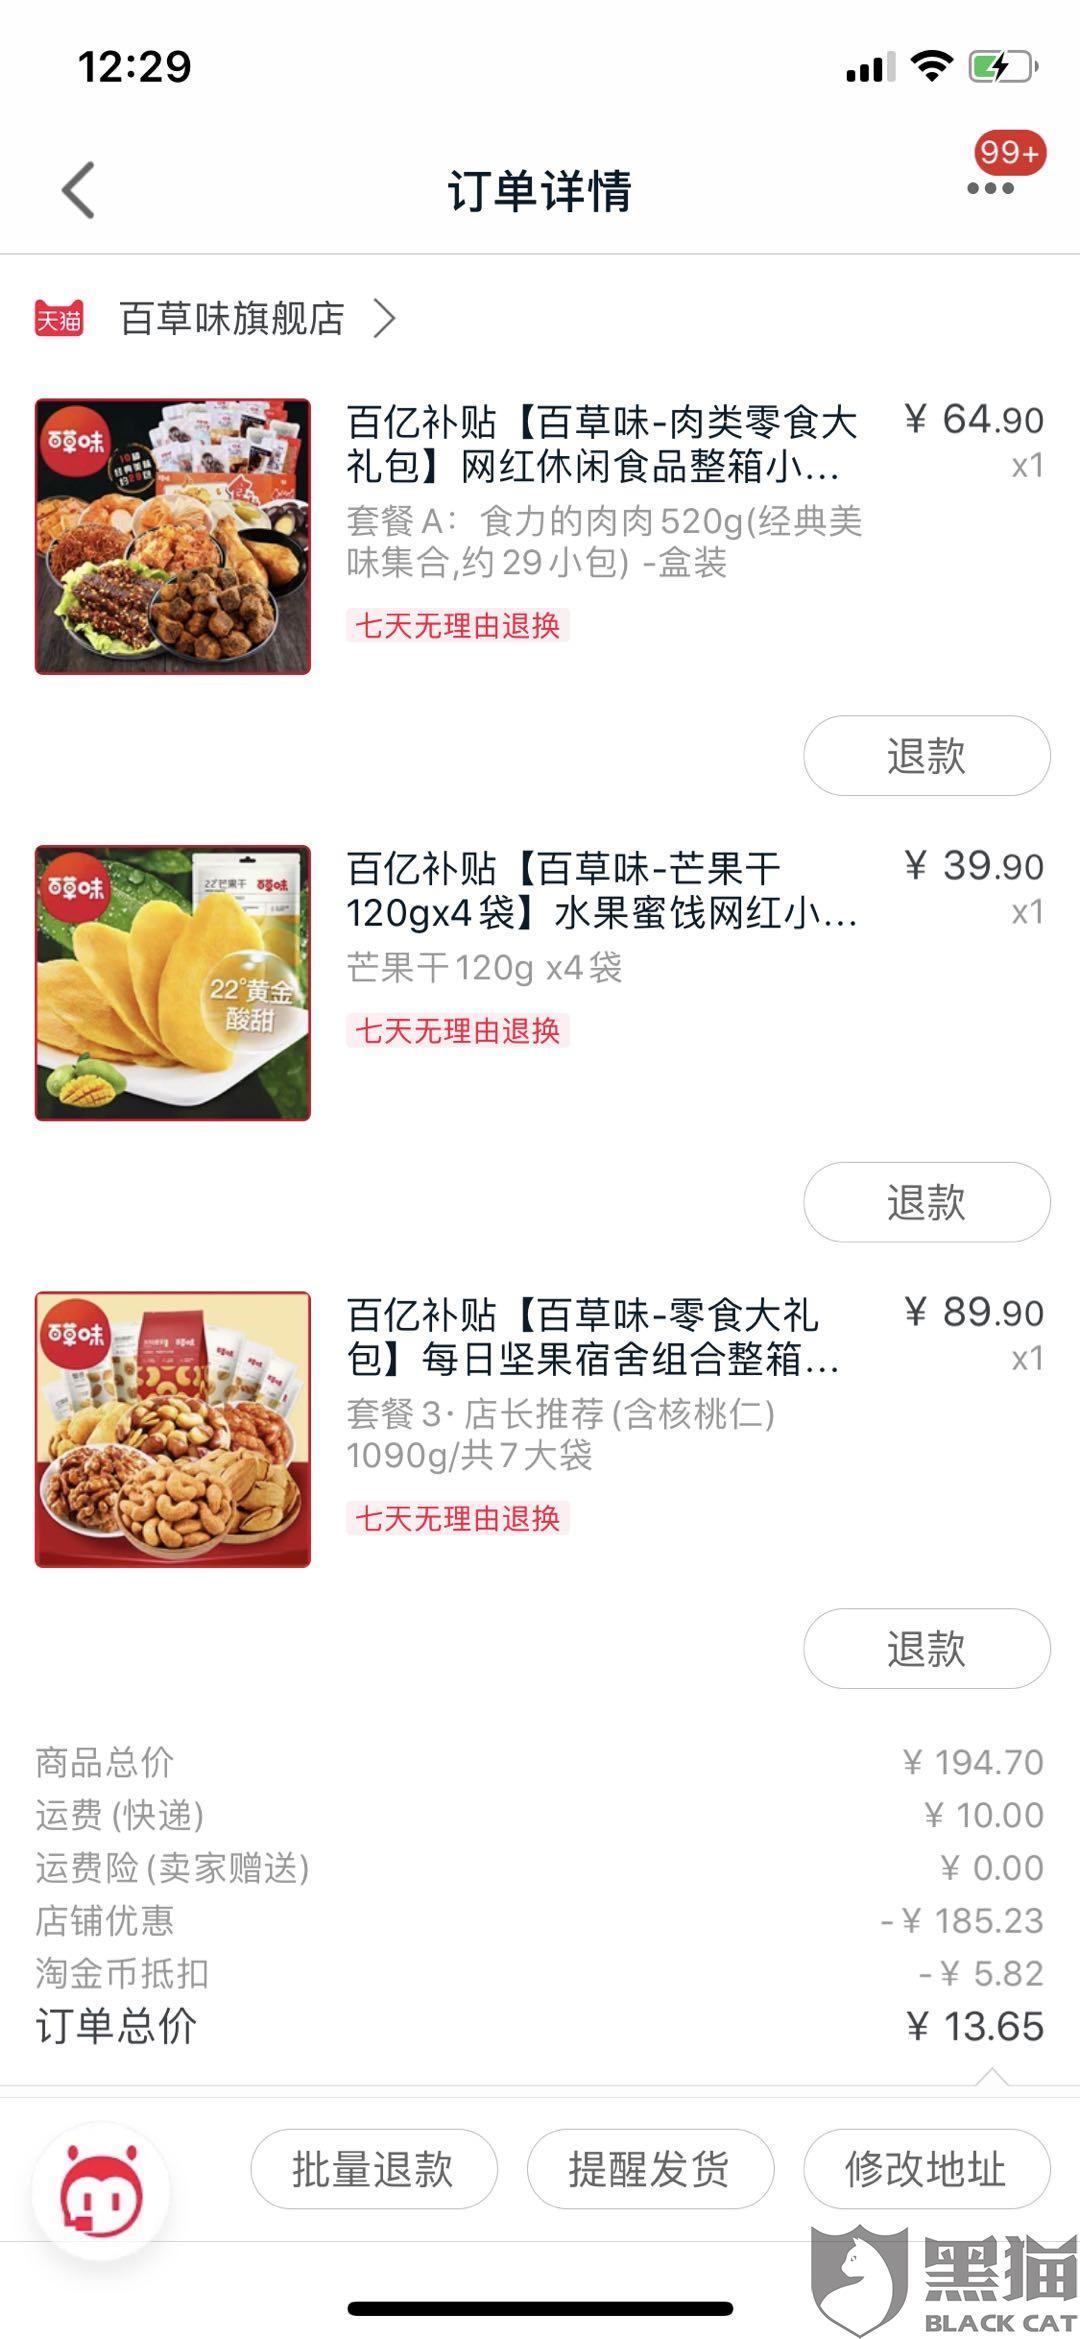 黑猫投诉:百草味天猫旗舰店虚假宣传、恶意营销,下单后拒不发货。